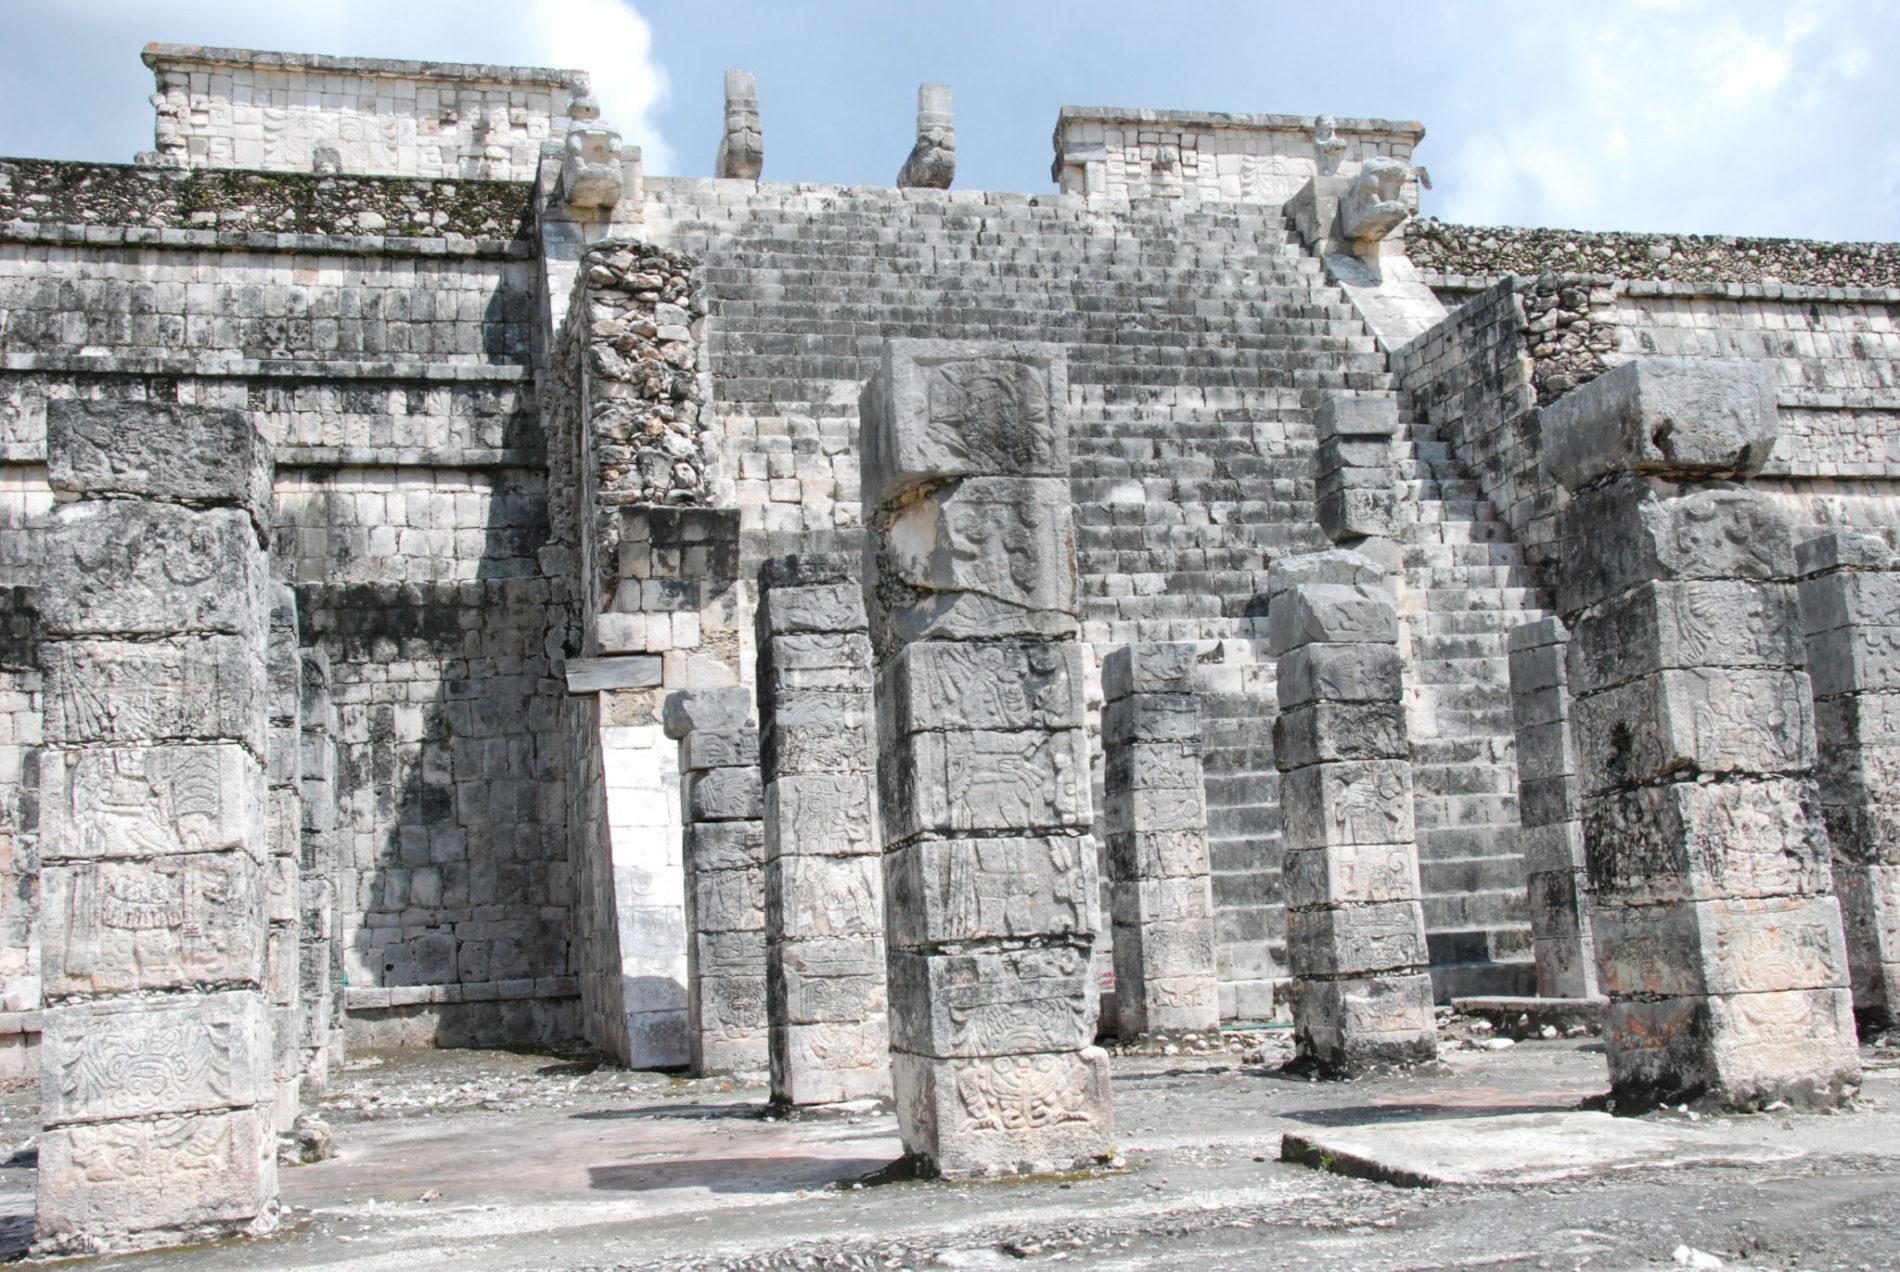 ruines-a-chichen-itza-yucatan